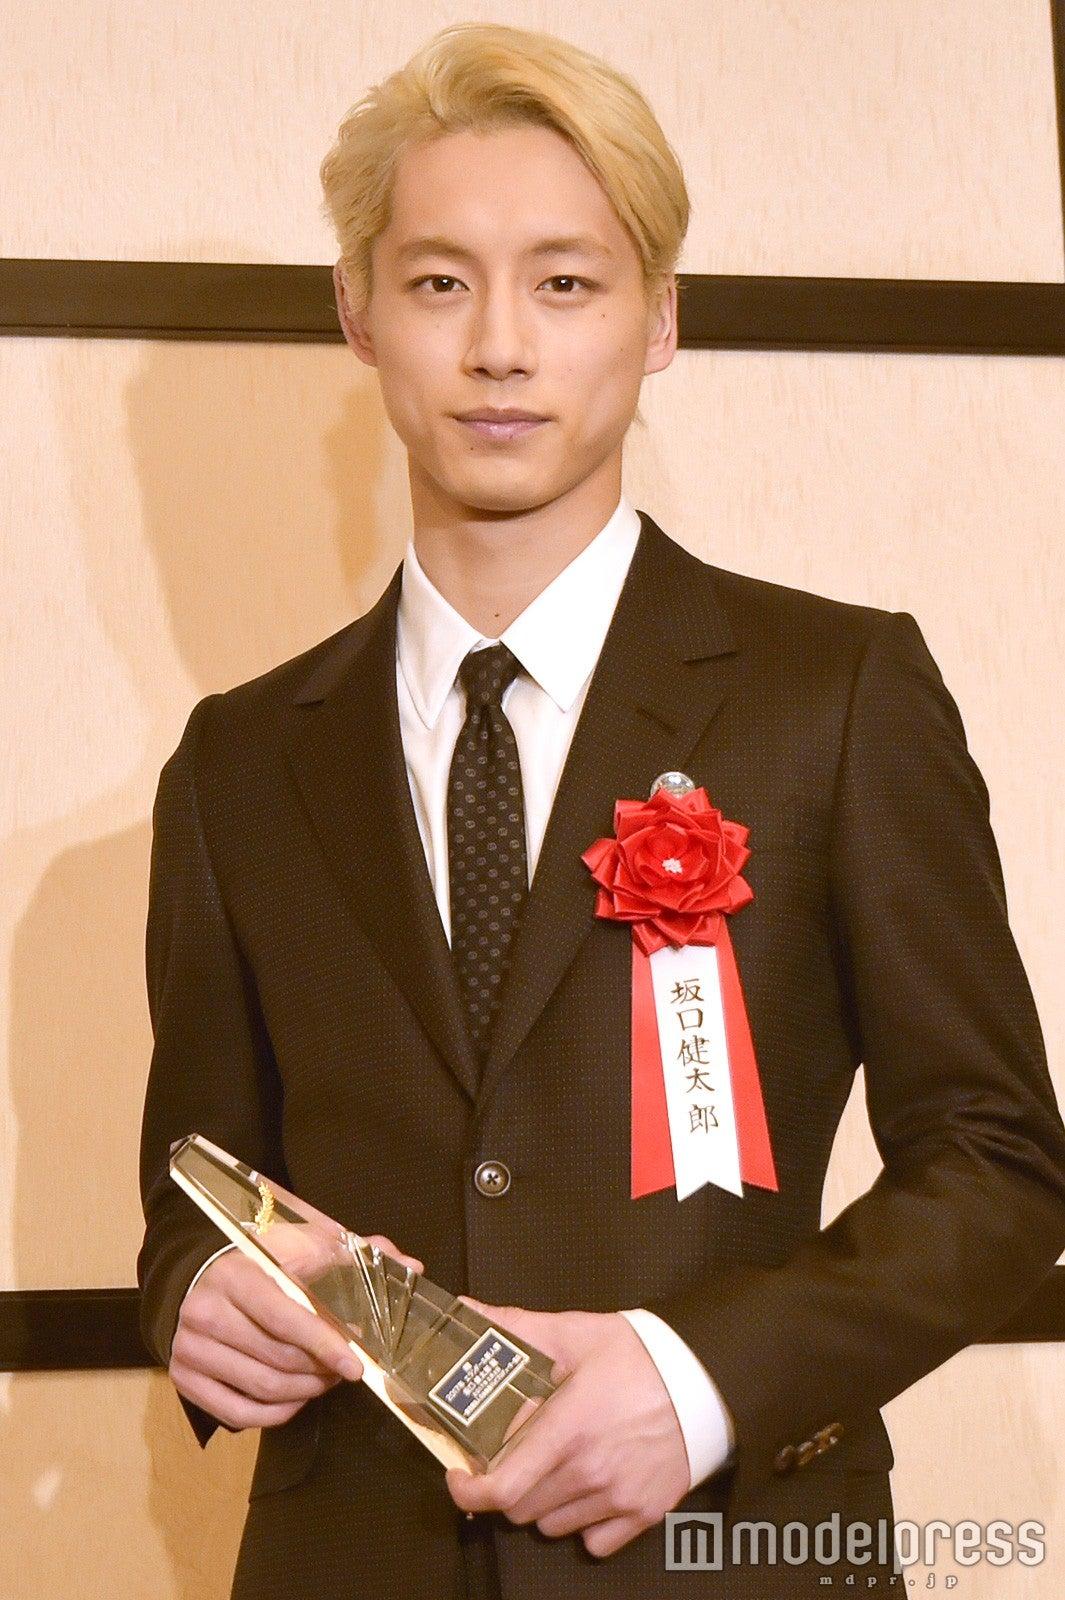 金髪の坂口健太郎「マッシュ」「ふわふわ」「七三」アレンジで印象激変 , モデルプレス